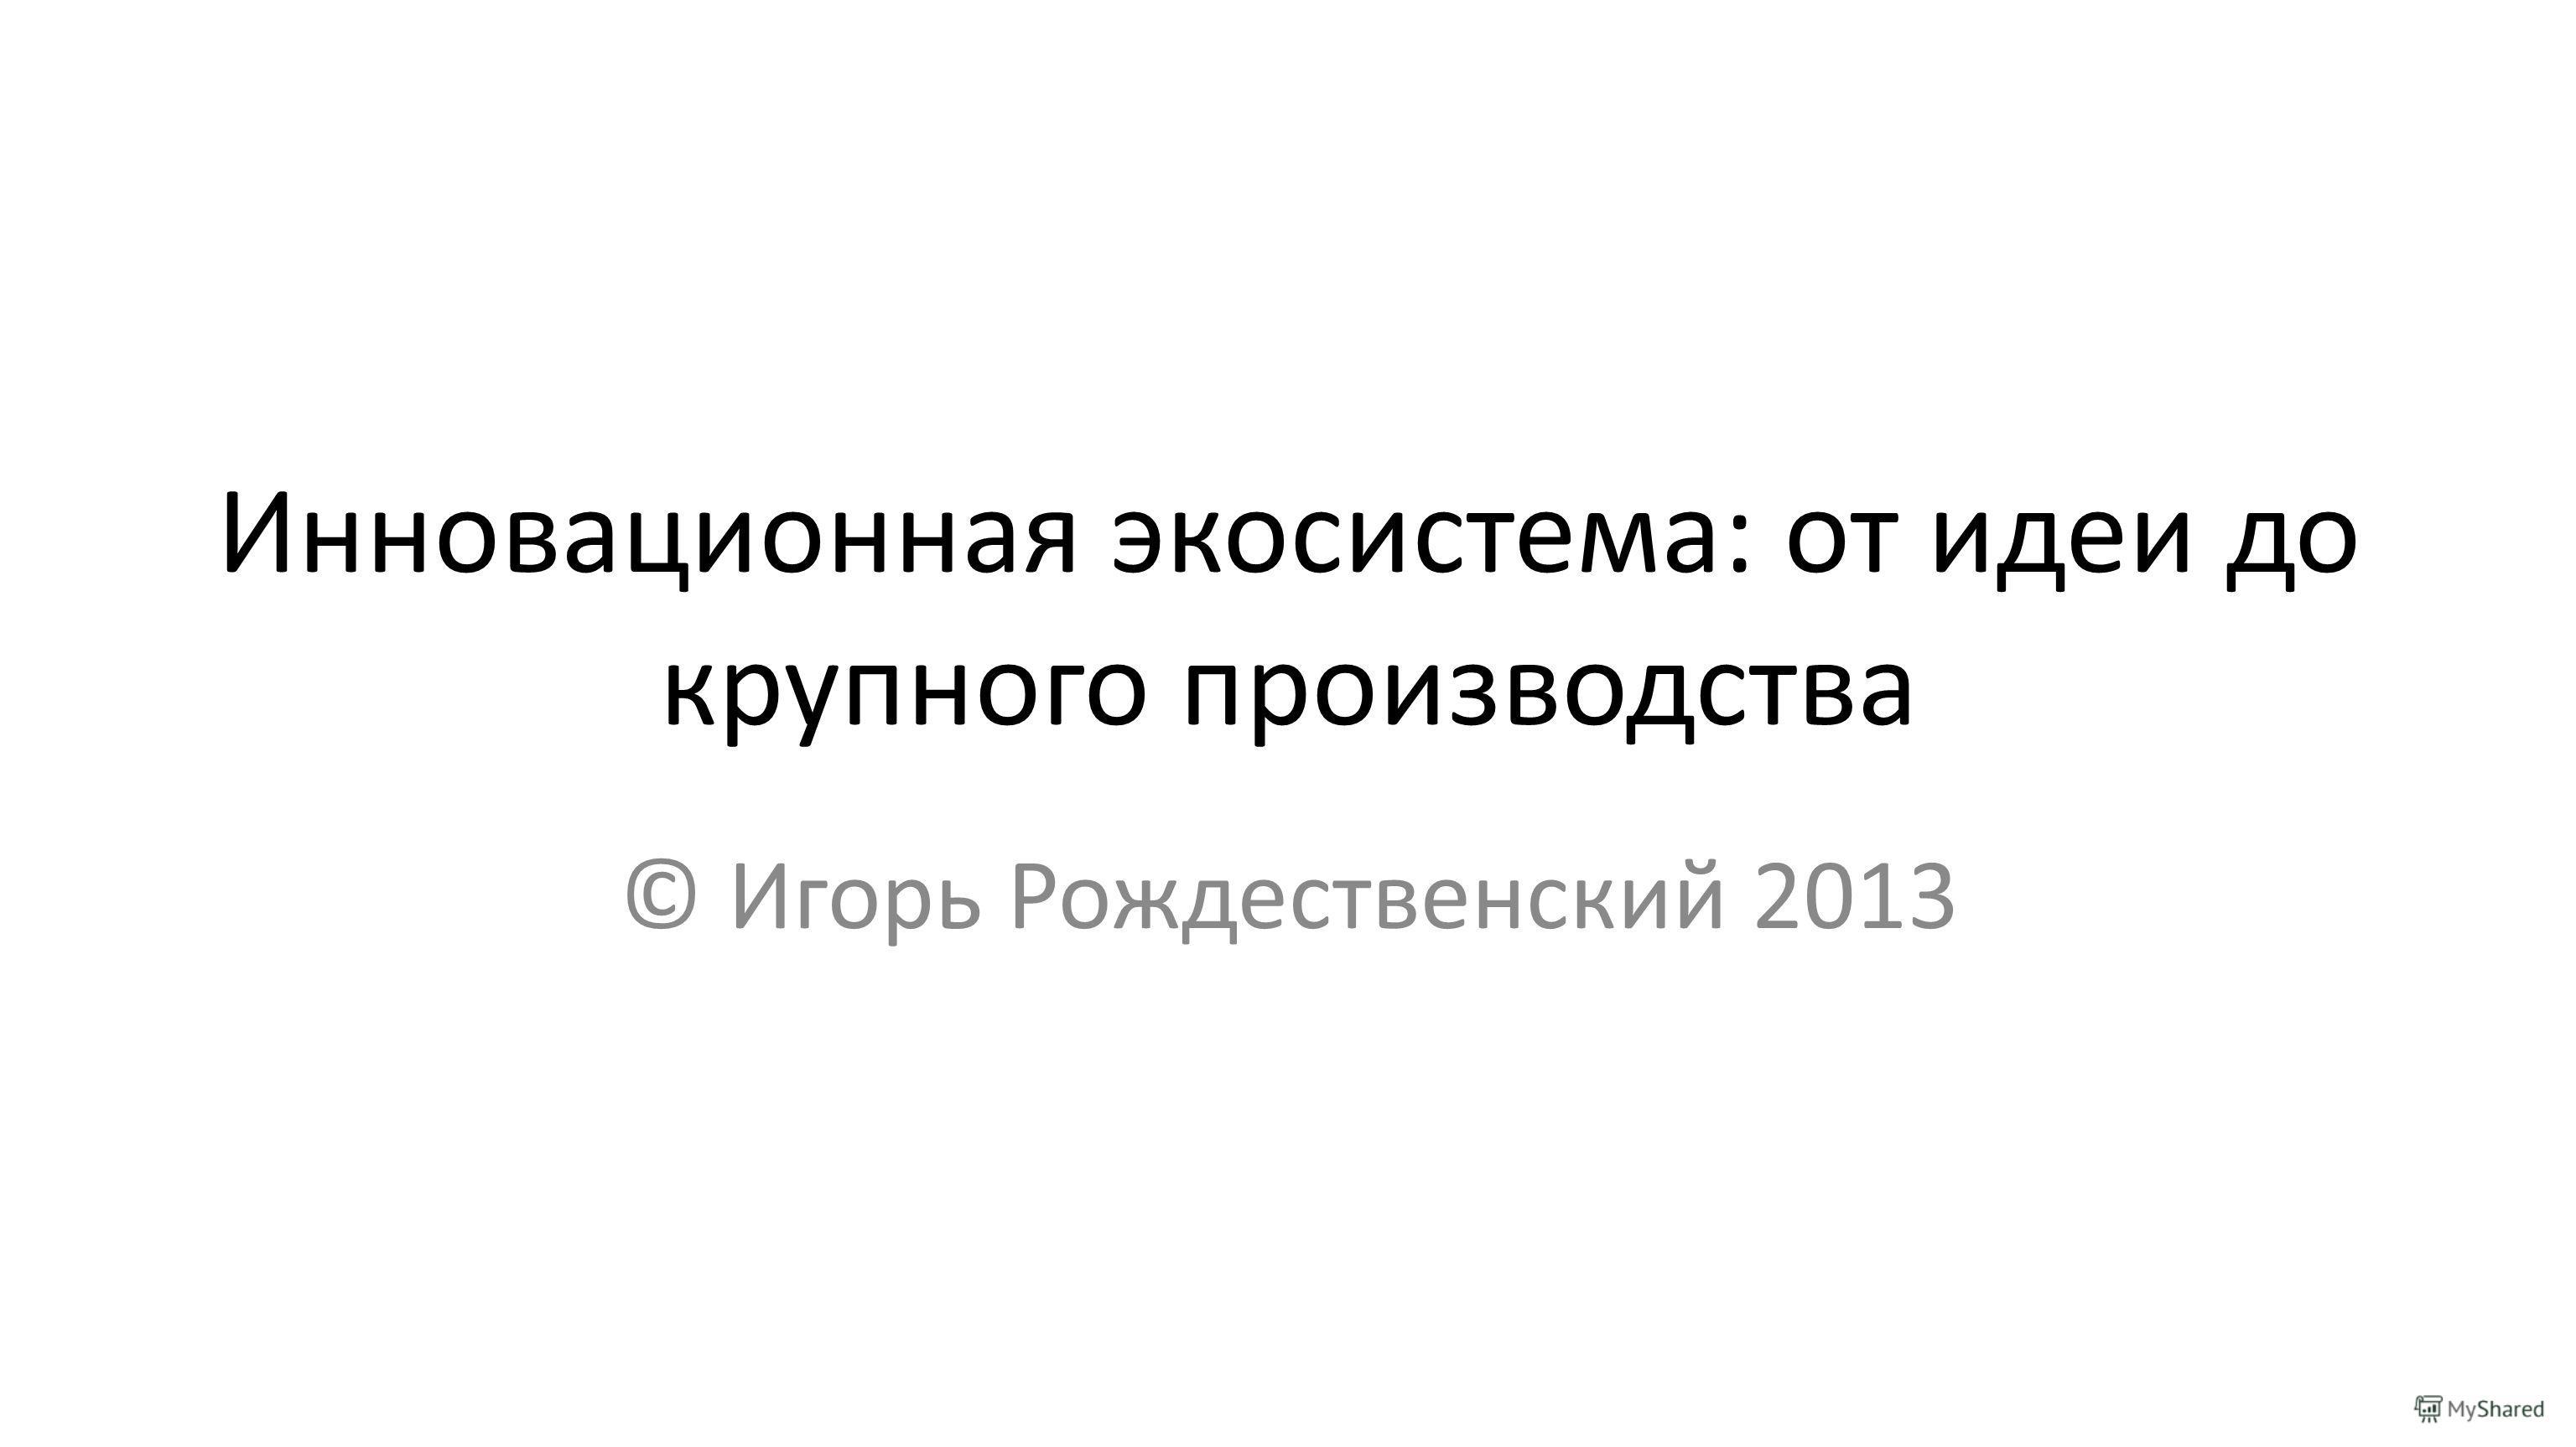 Инновационная экосистема: от идеи до крупного производства © Игорь Рождественский 2013